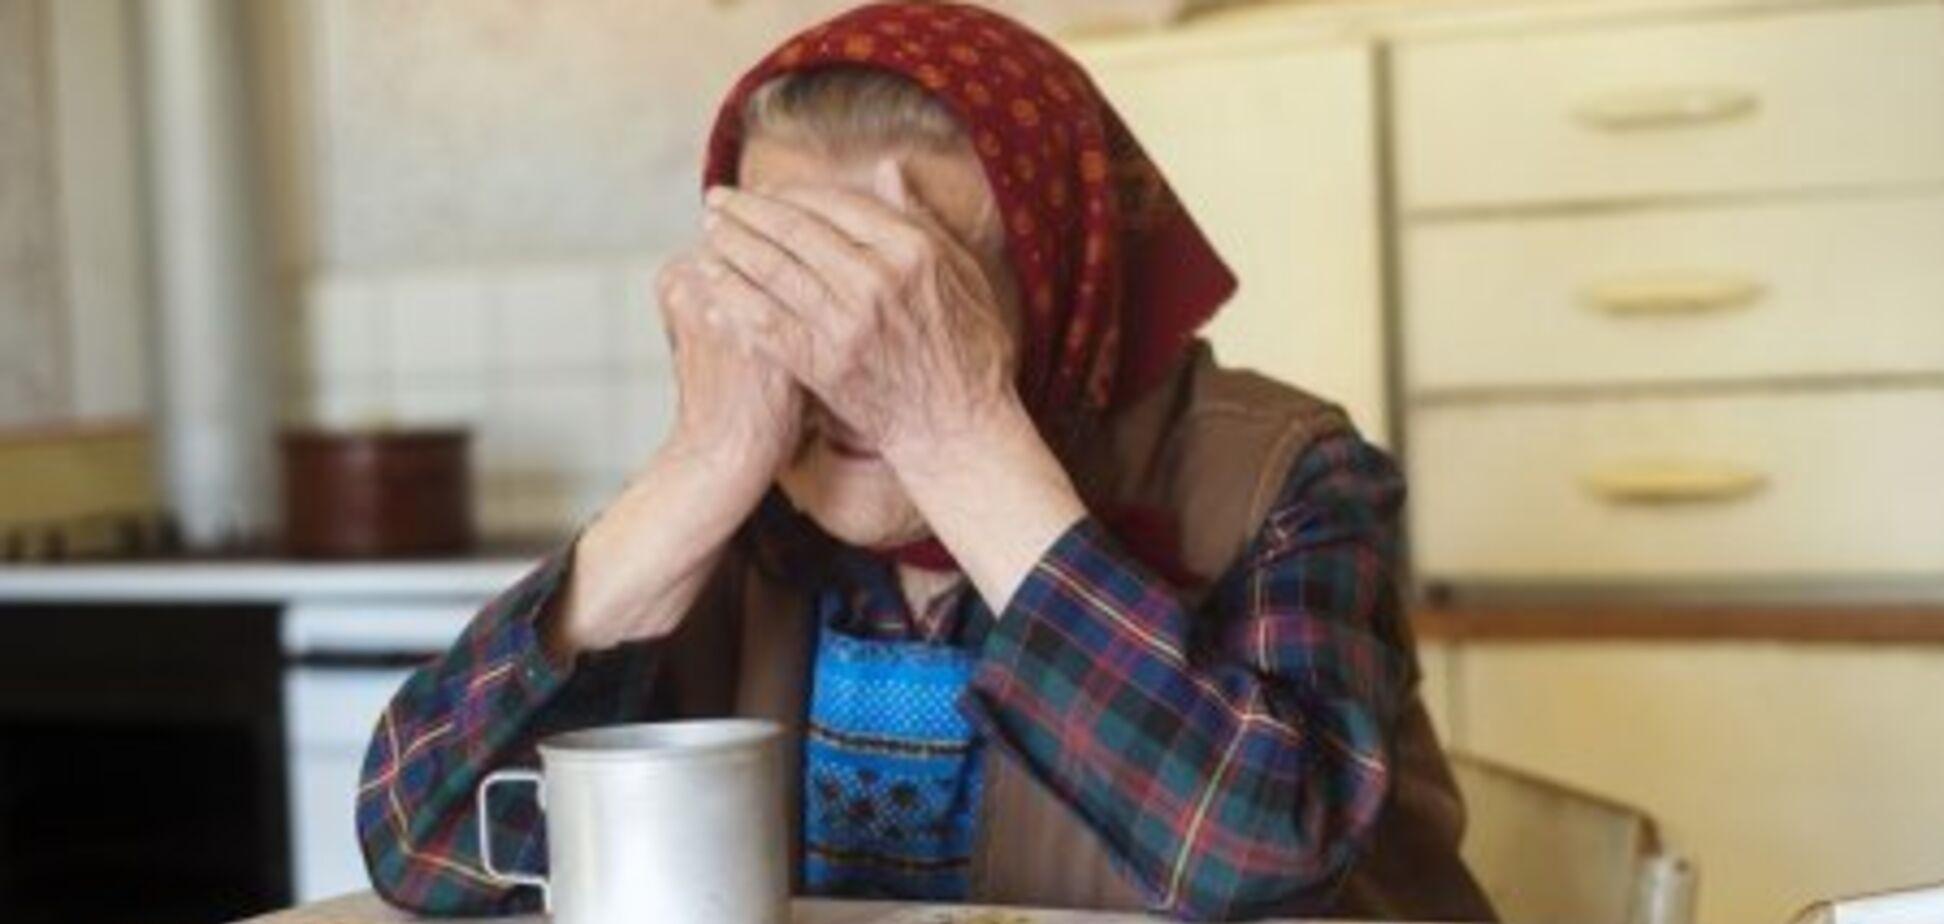 Под Днепром подросток поиздевался над слепой женщиной: подробности